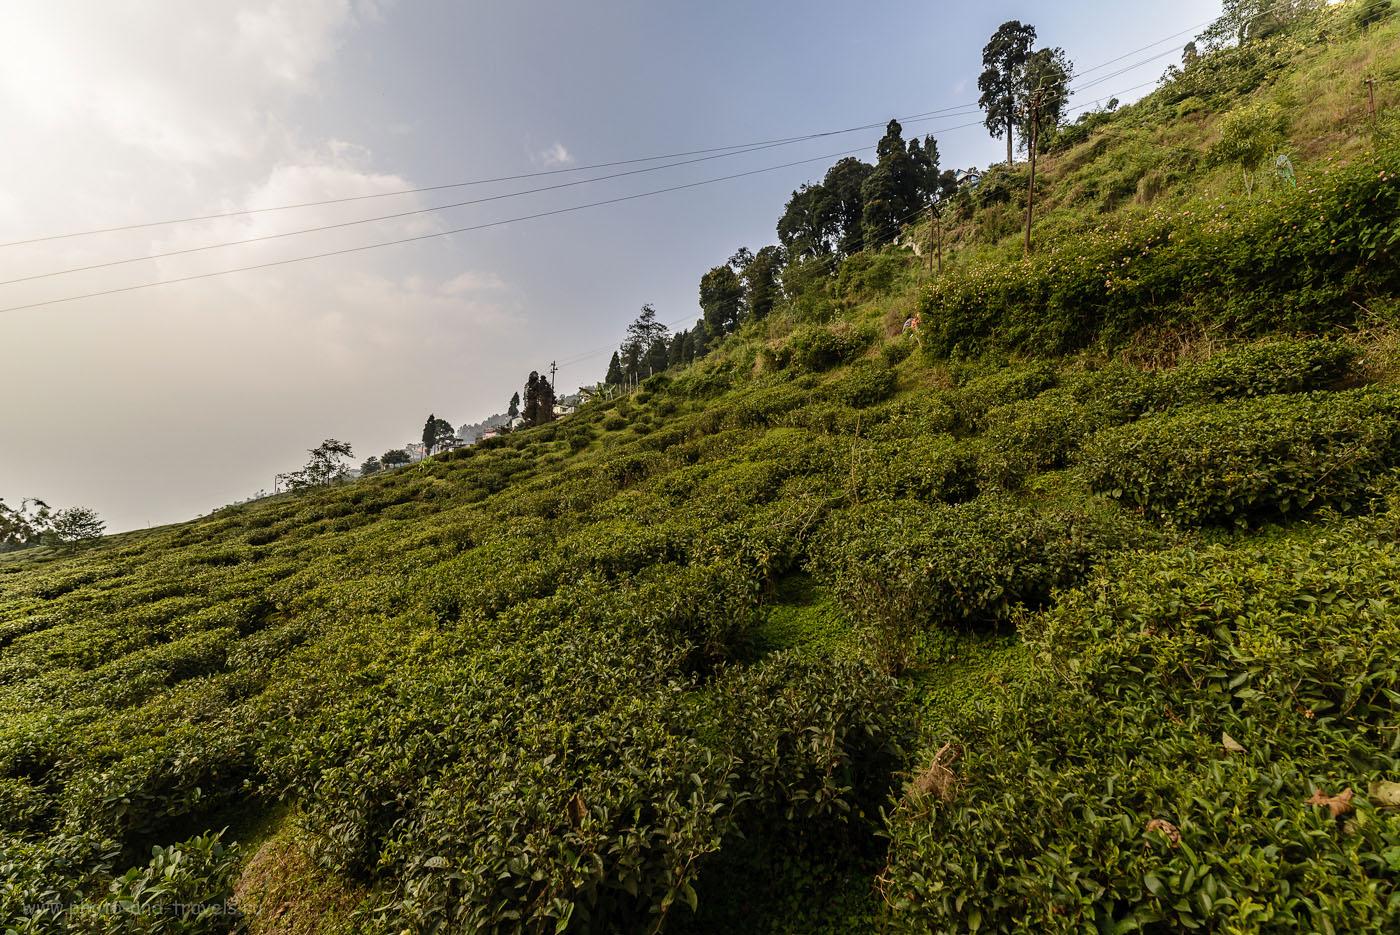 Фотография 2. Чайные плантации в Дарджилинге рядом с фабрикой Happy Valley Tea Estate. 1/125, -2EV, 8.0, 100, 14.